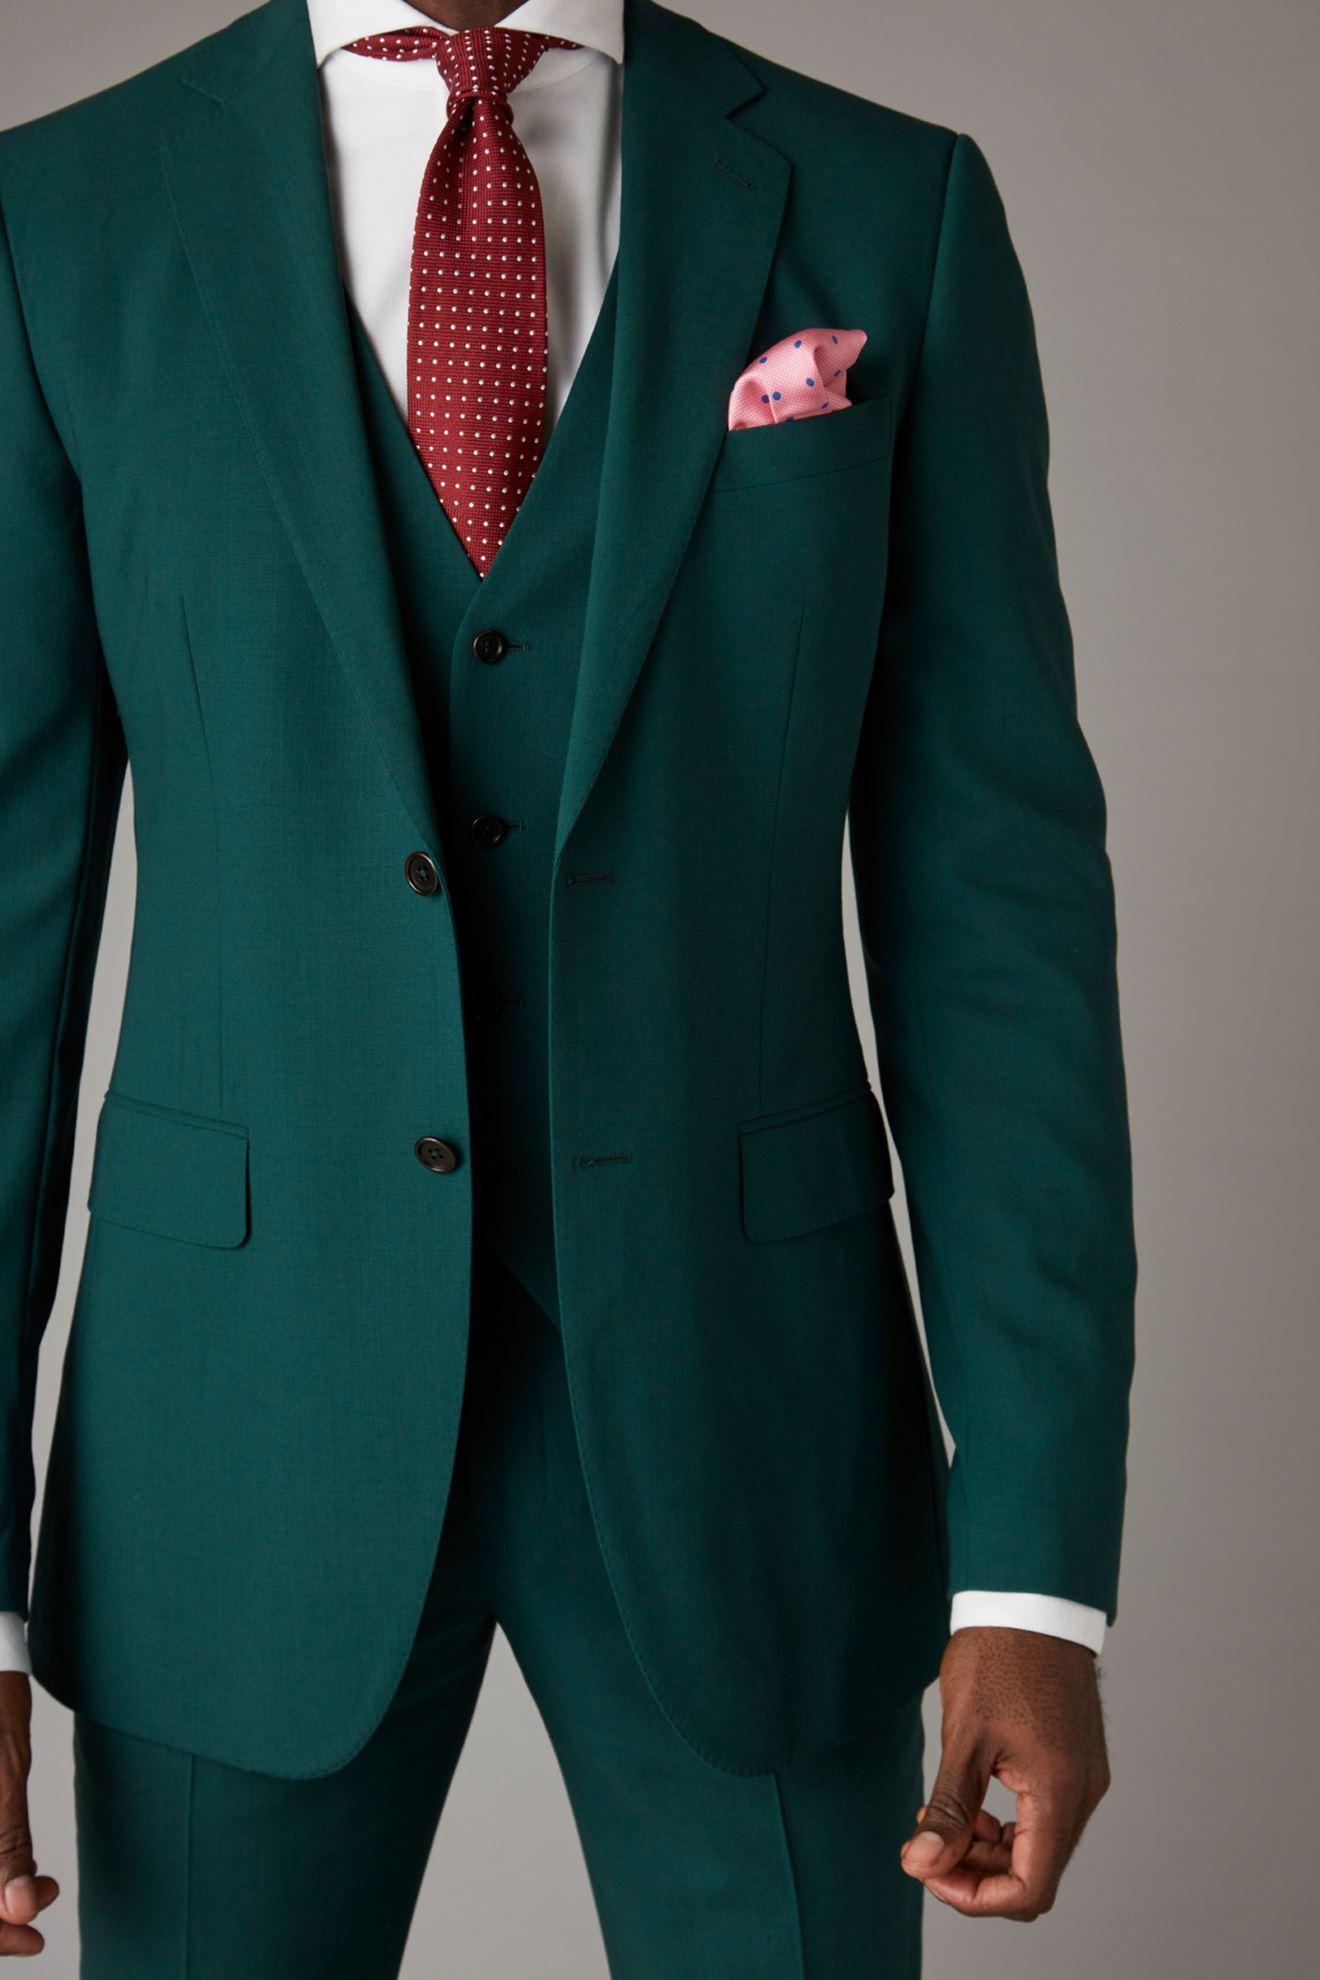 Green Jacket Detail 2